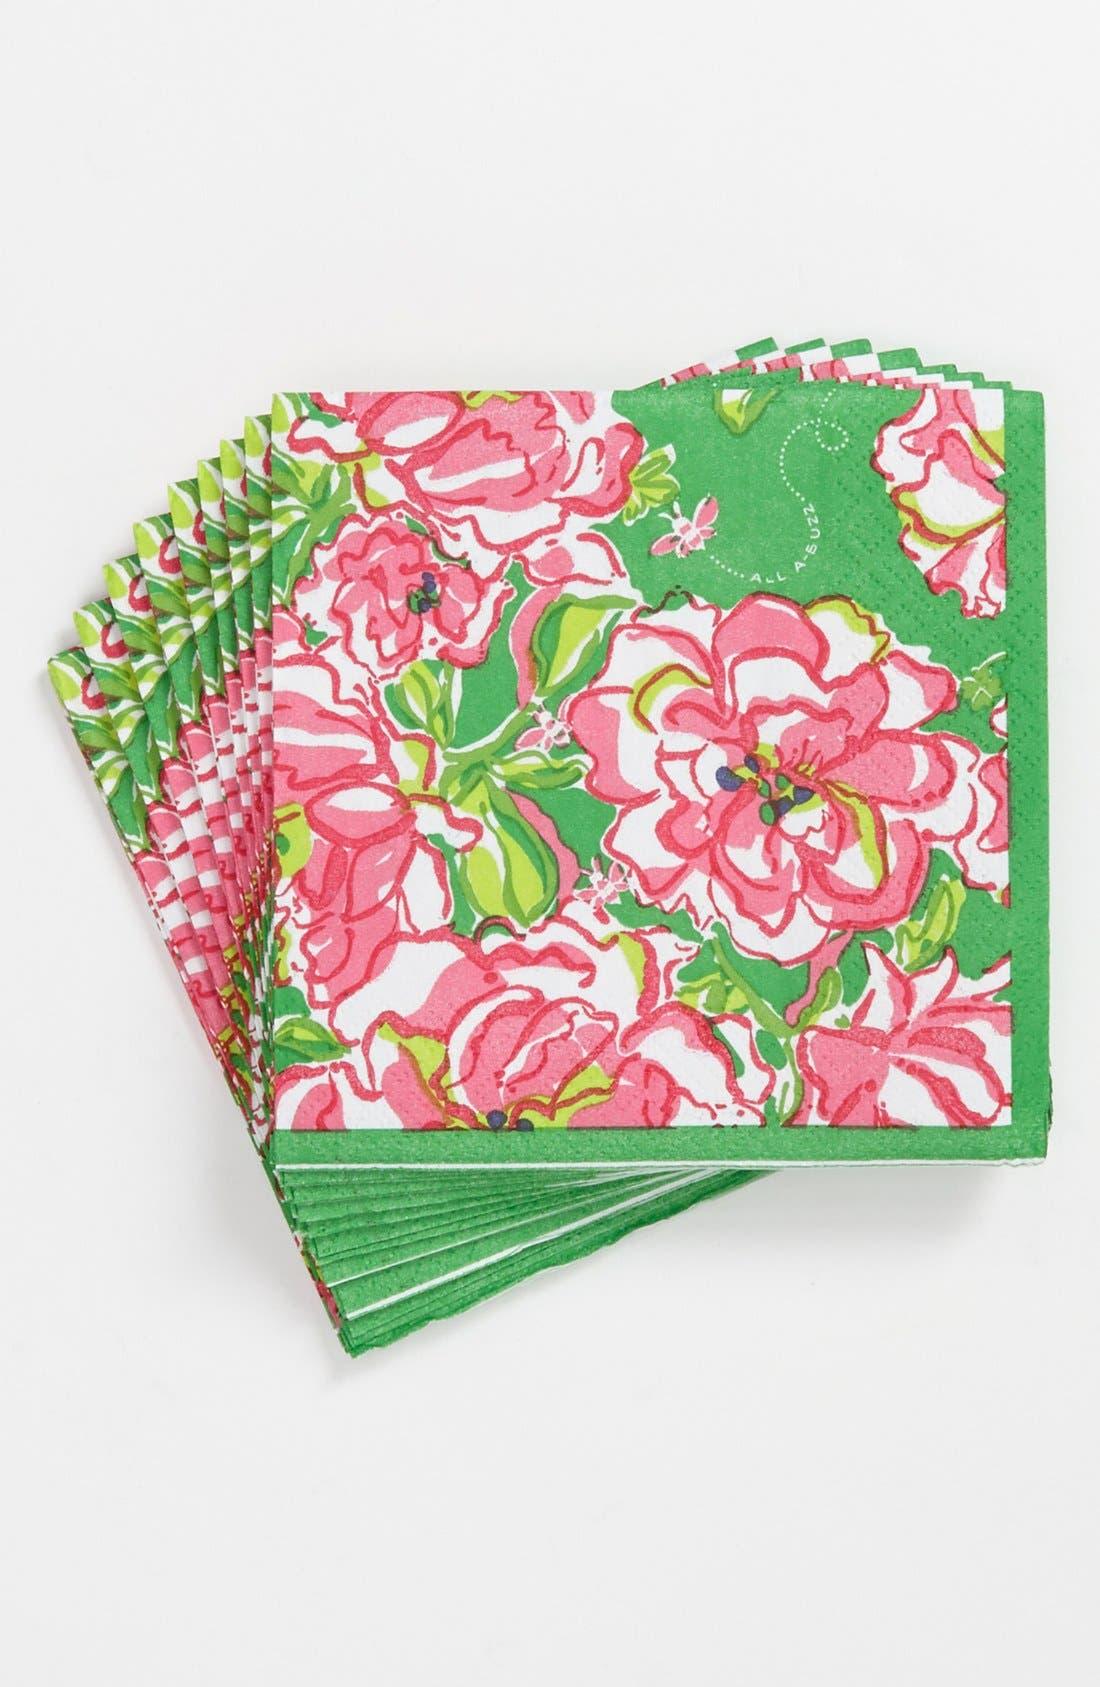 Alternate Image 1 Selected - Lilly Pulitzer® Floral Print Beverage Napkins (Set of 20)